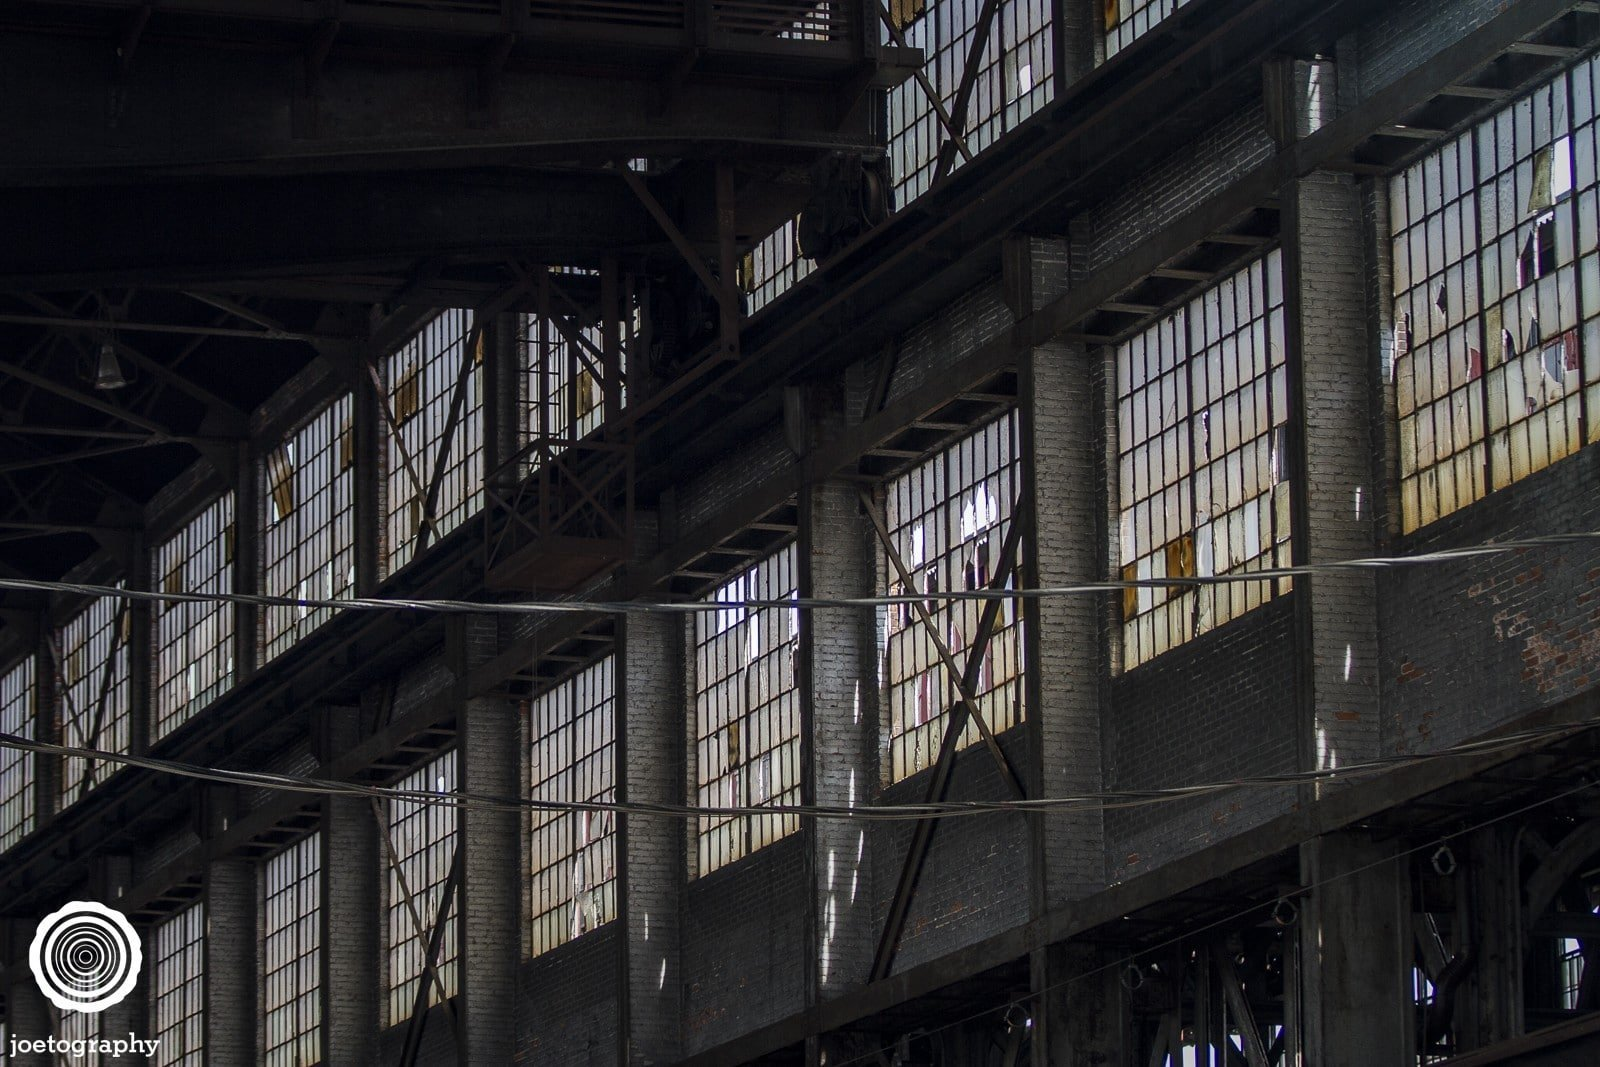 joetography-travel-photography-bethlehem-steel-pennsylvania-2015-15